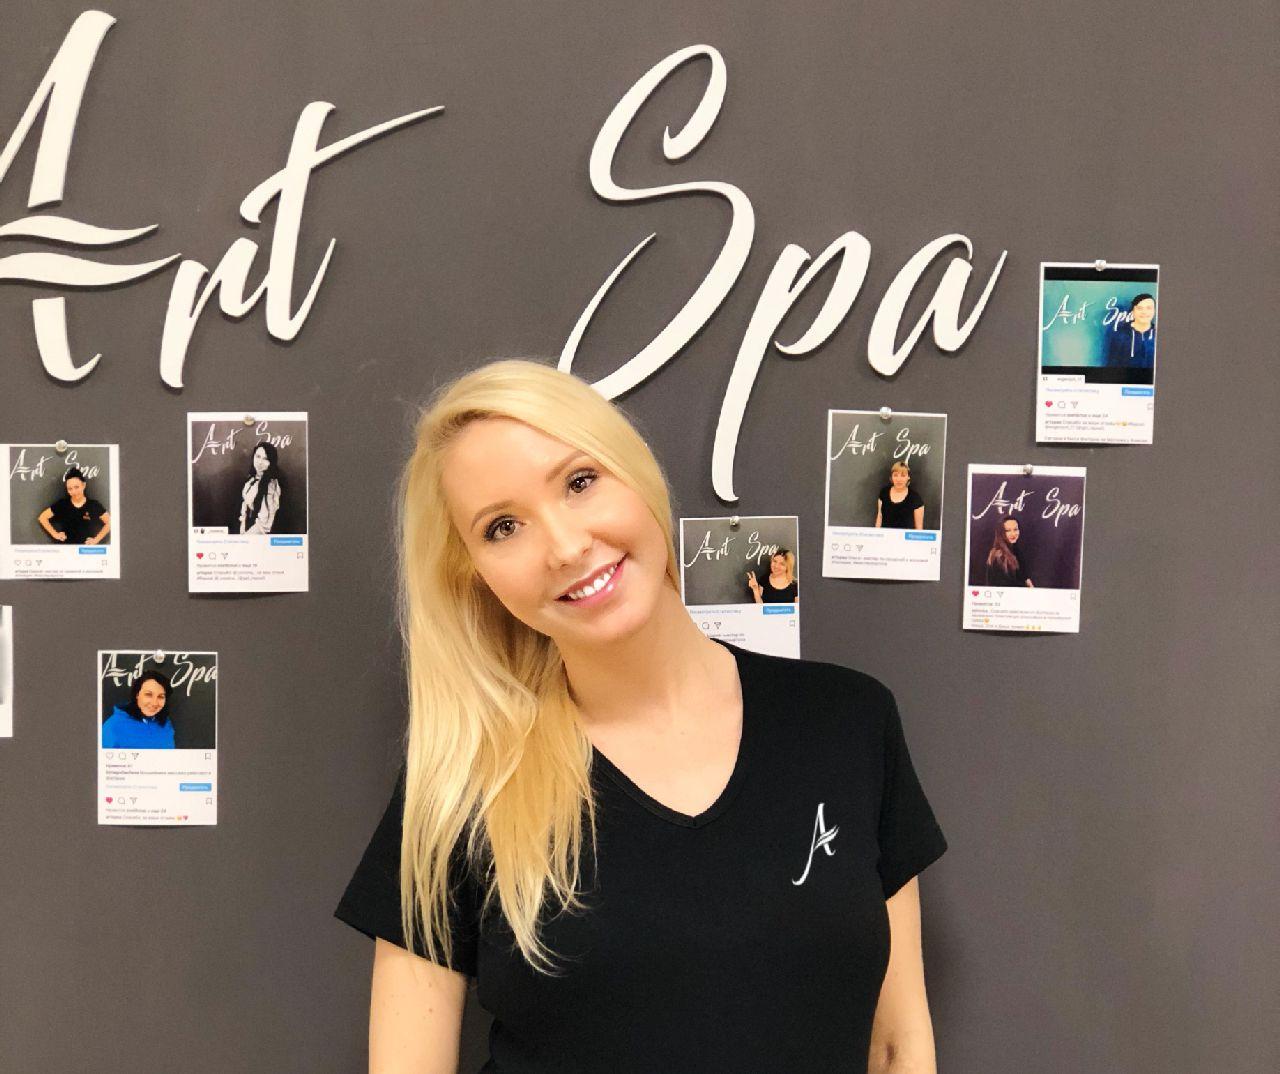 Карина - Мастер перманентного макияжа, специалист по каллагенированию ресниц, ботокс для ресниц и бровей | Спа центр «АРТ SPA»